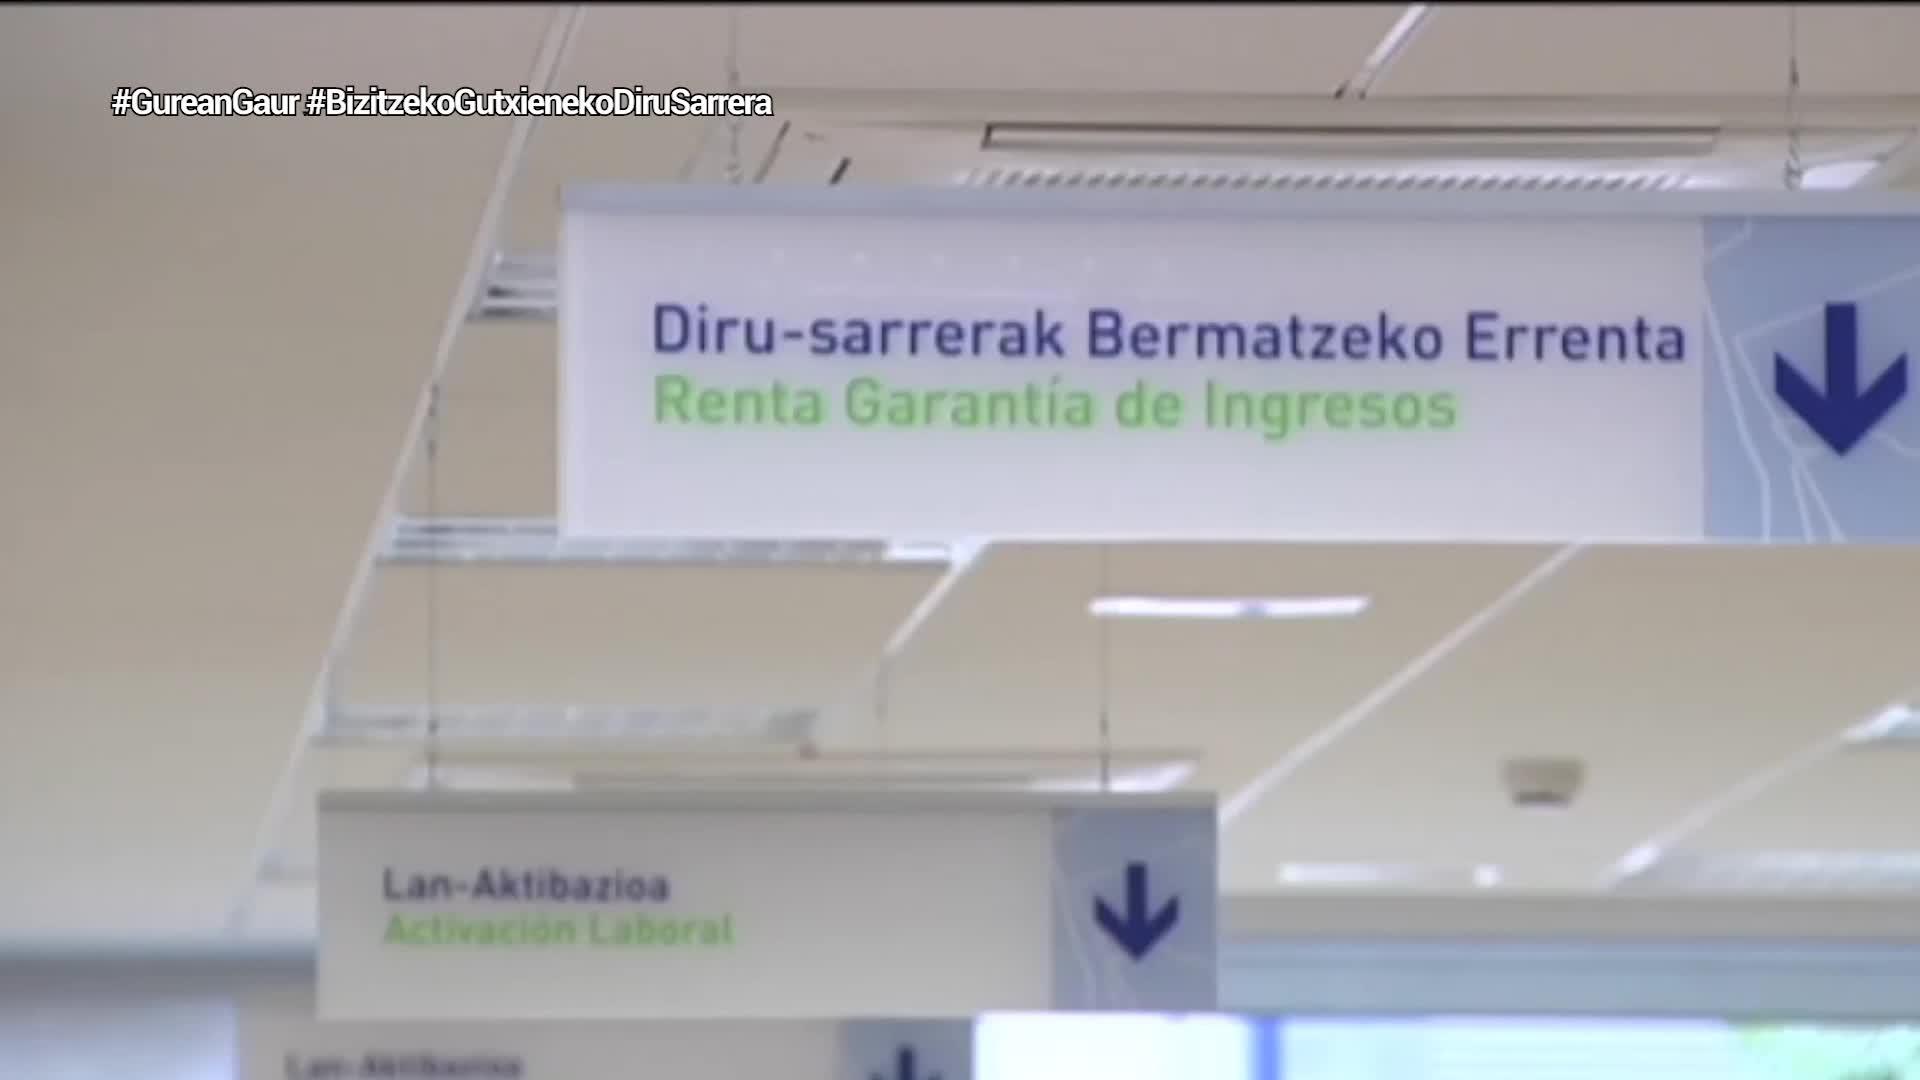 Eusko Jaurlaritzak eta Nafarroako Gobernuak kudeatuko dute Bizitzeko Gutxieneko Diru-sarrera